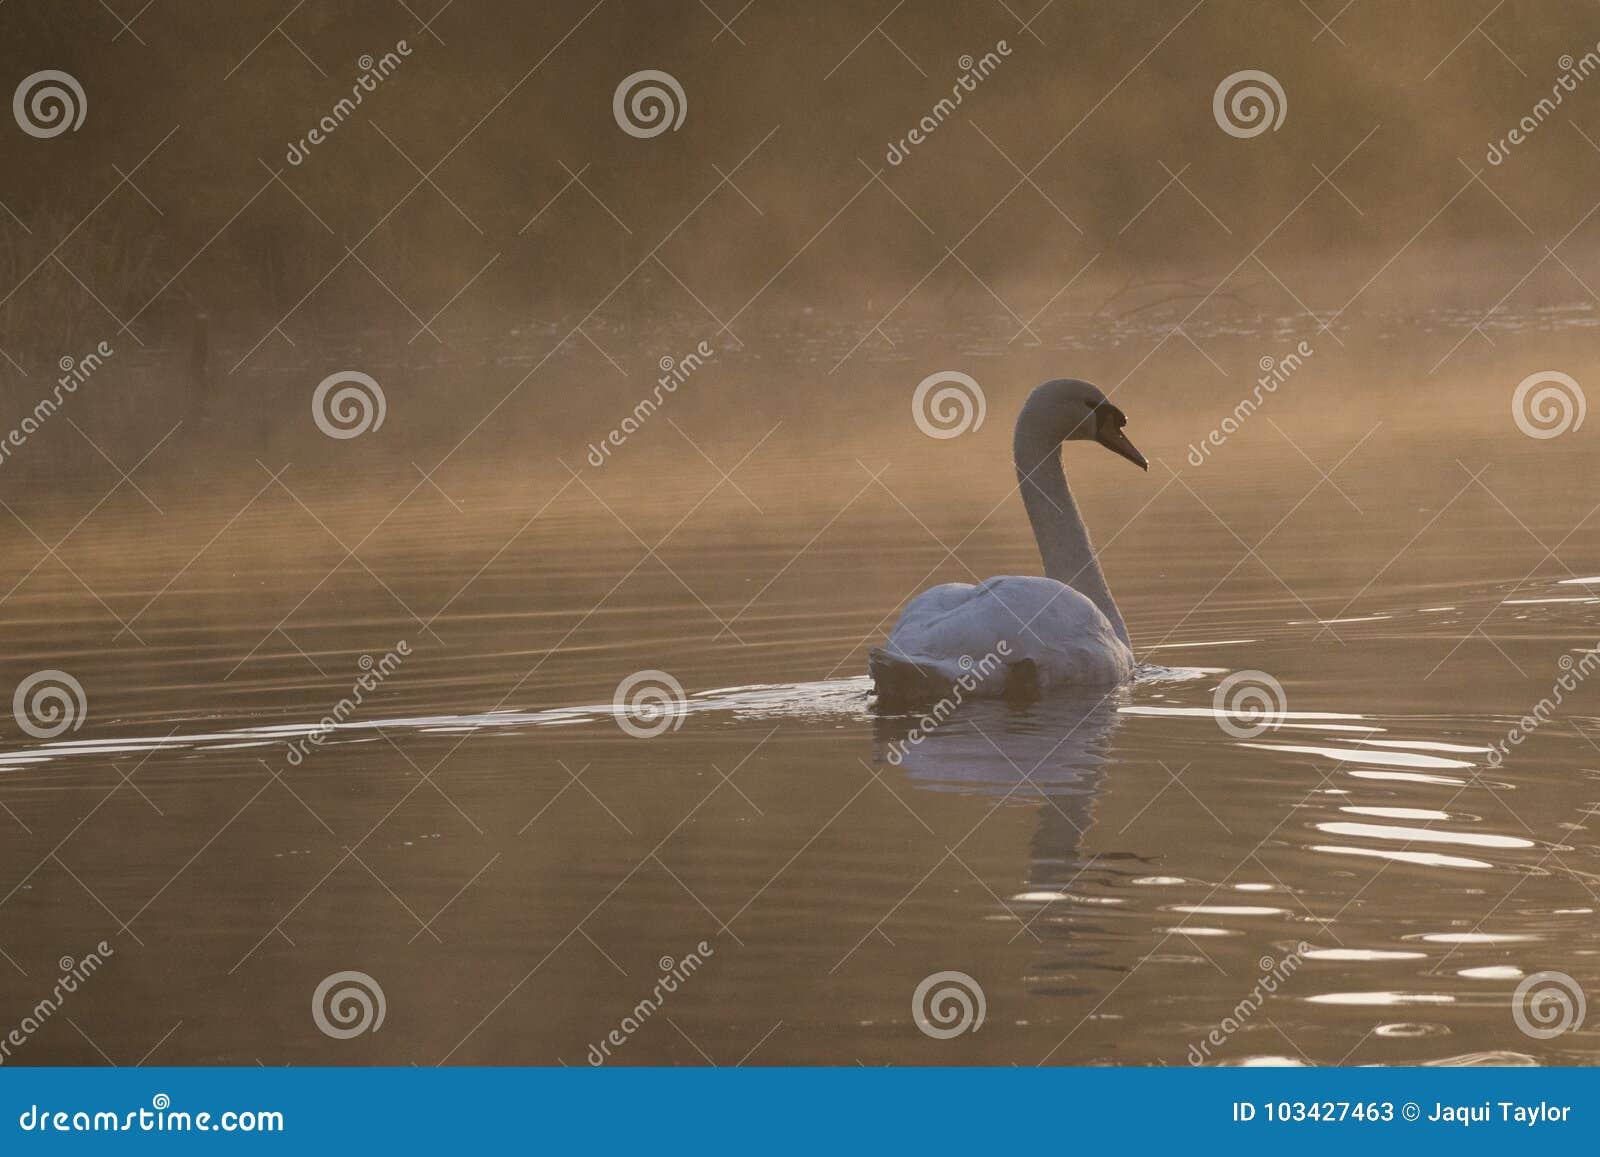 White swan in golden misty light